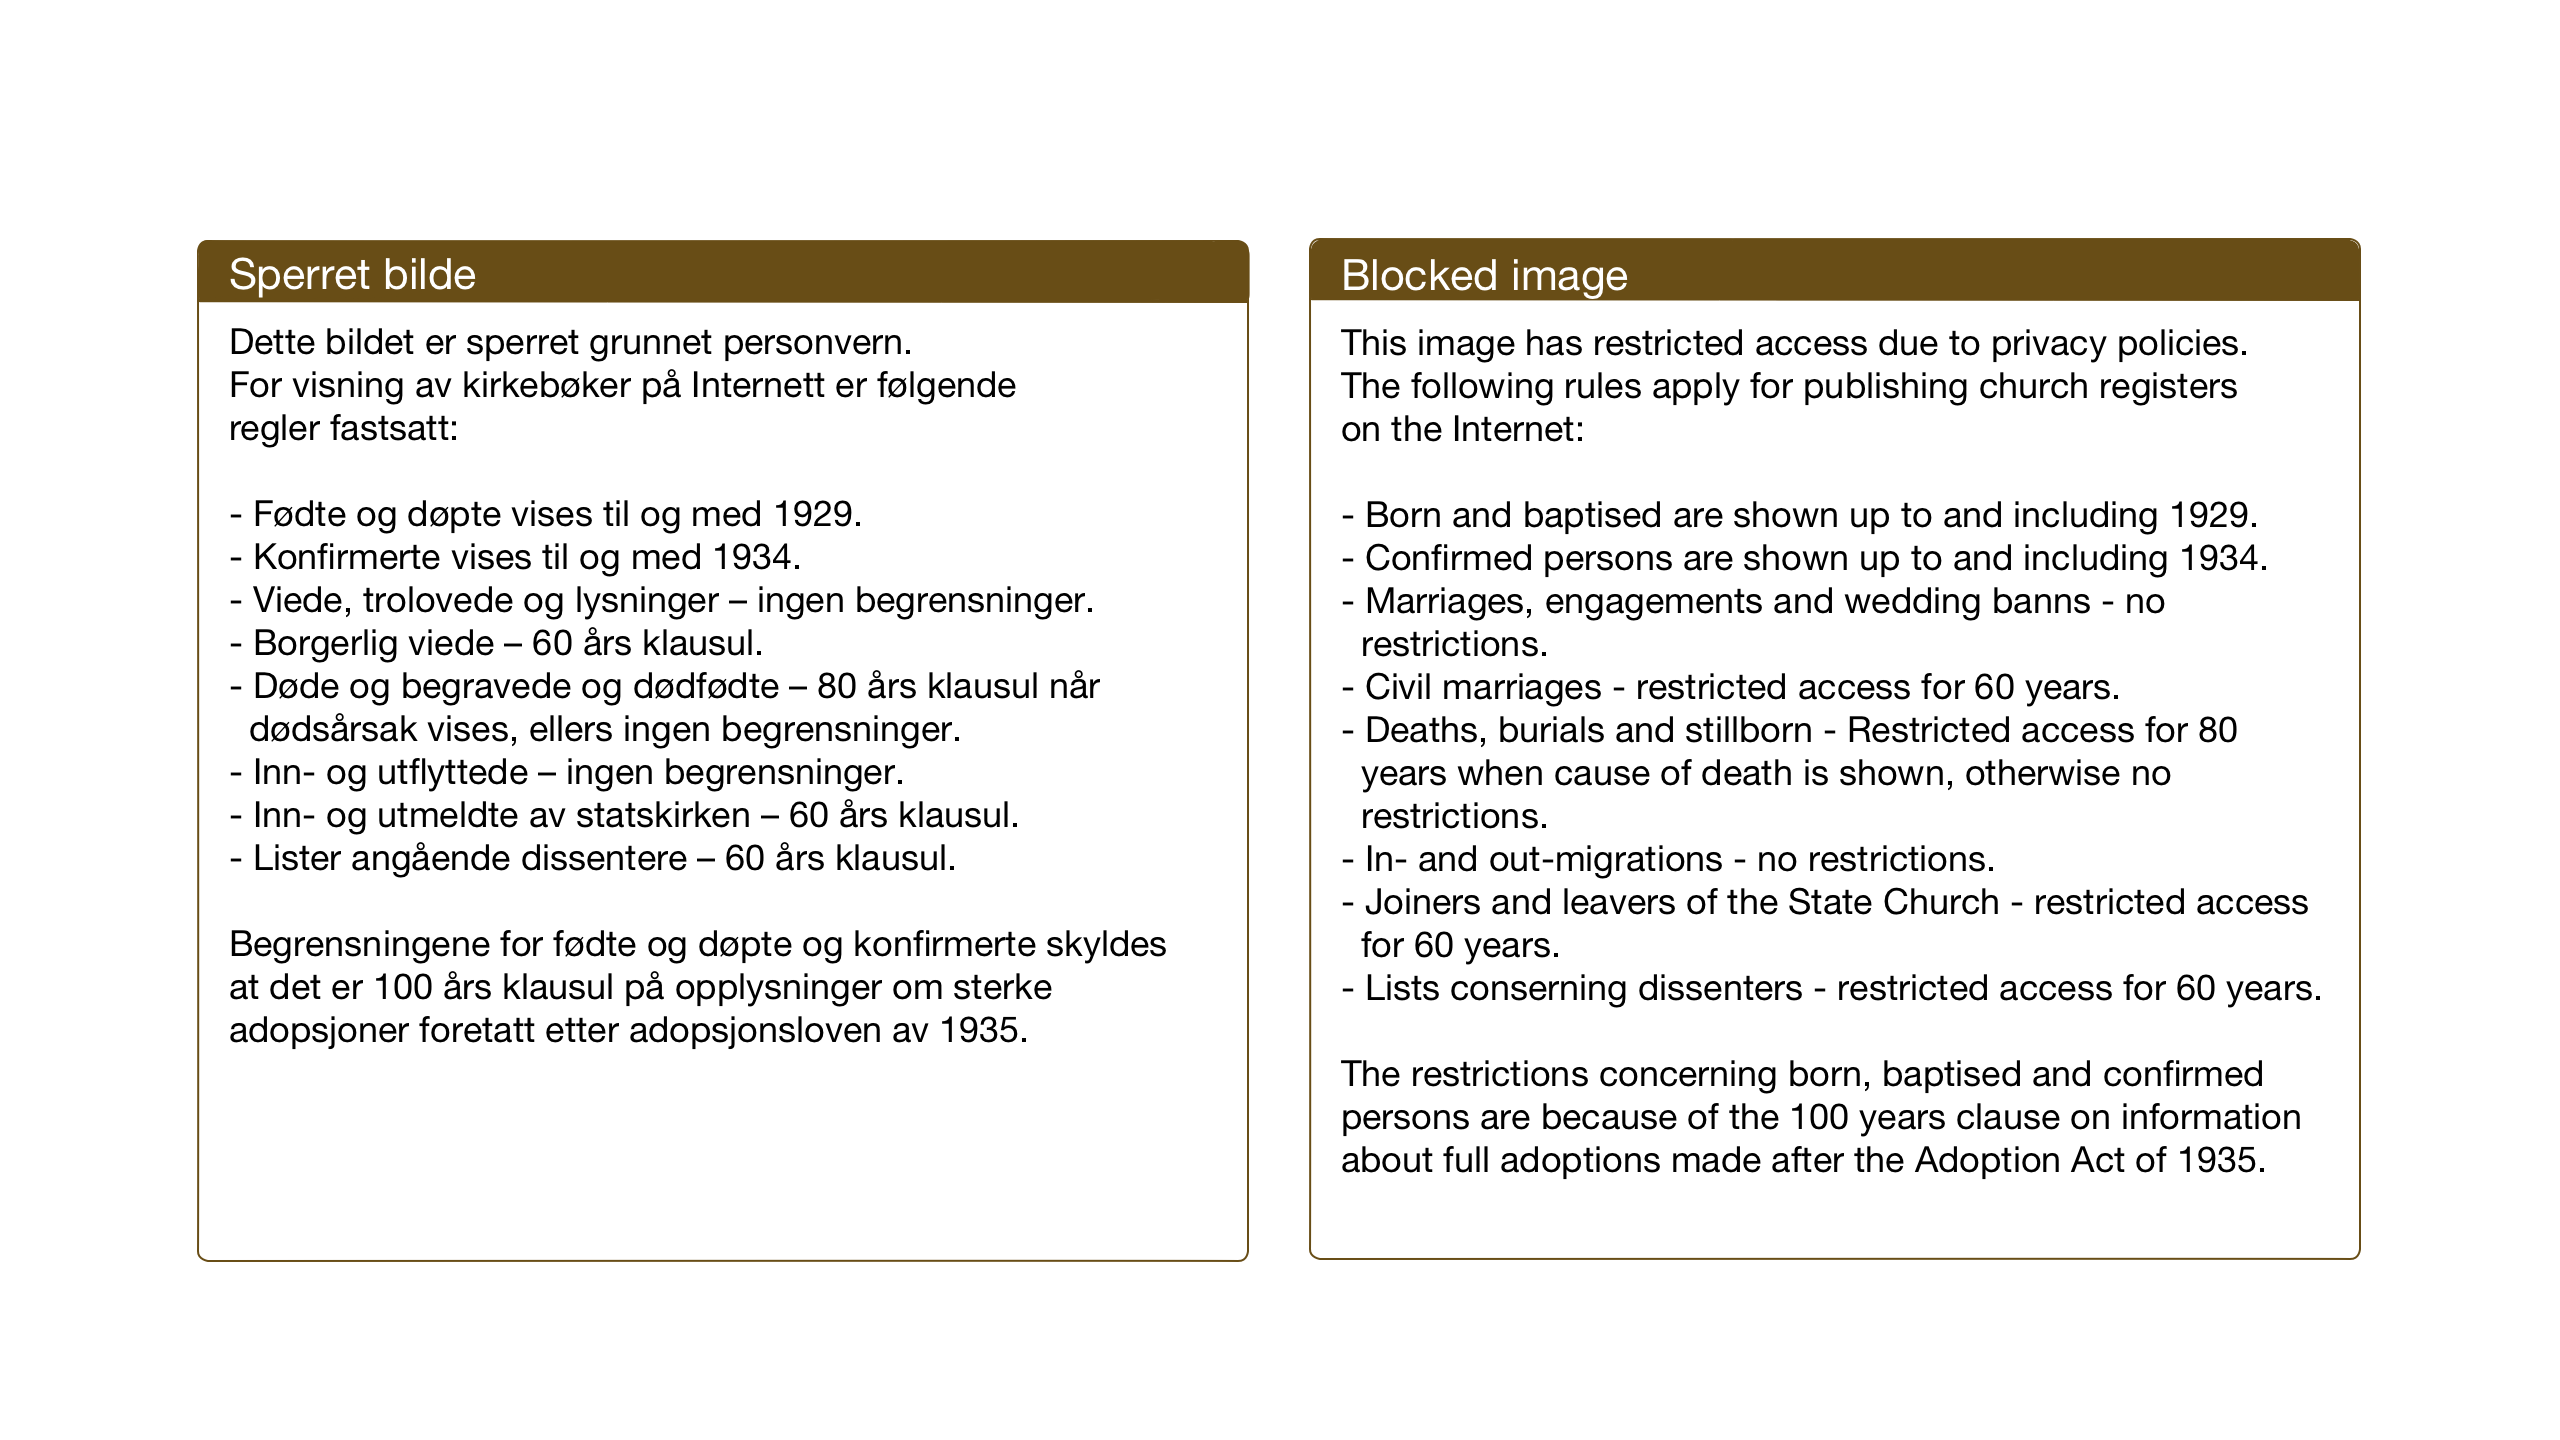 SAT, Ministerialprotokoller, klokkerbøker og fødselsregistre - Sør-Trøndelag, 637/L0564: Klokkerbok nr. 637C05, 1928-1968, s. 37